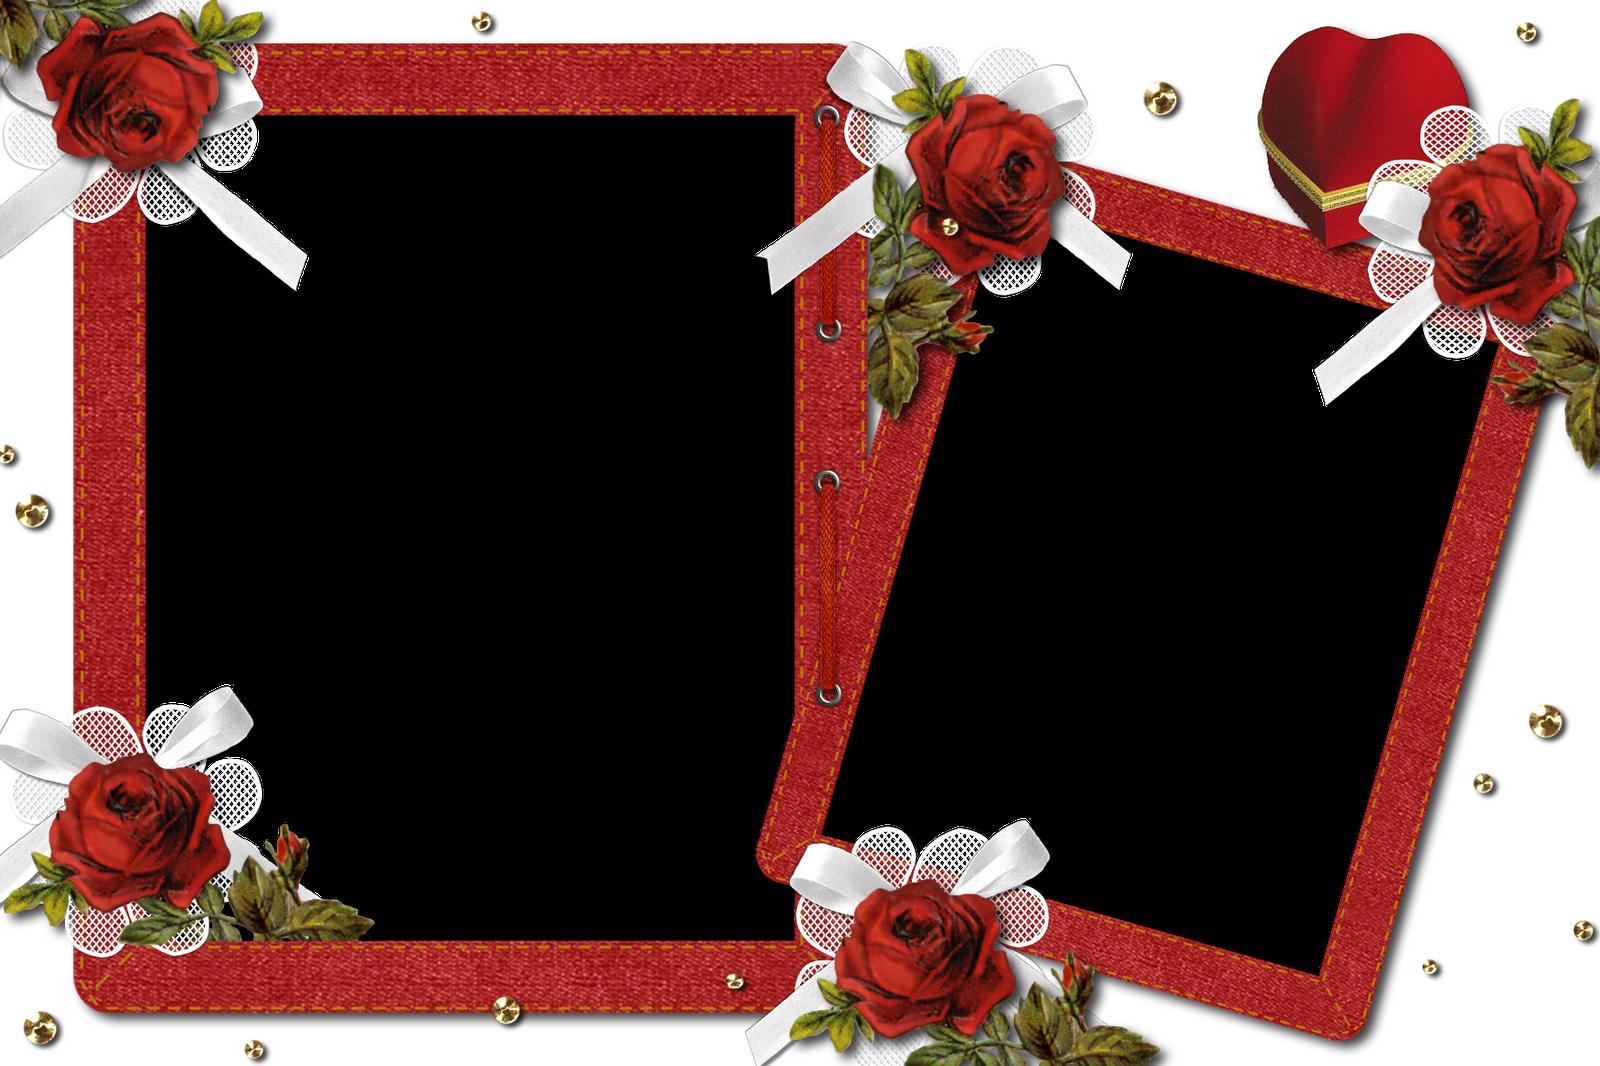 Love Frame Png Transparent Images 1293: Fondos De Pantalla Y Mucho Más